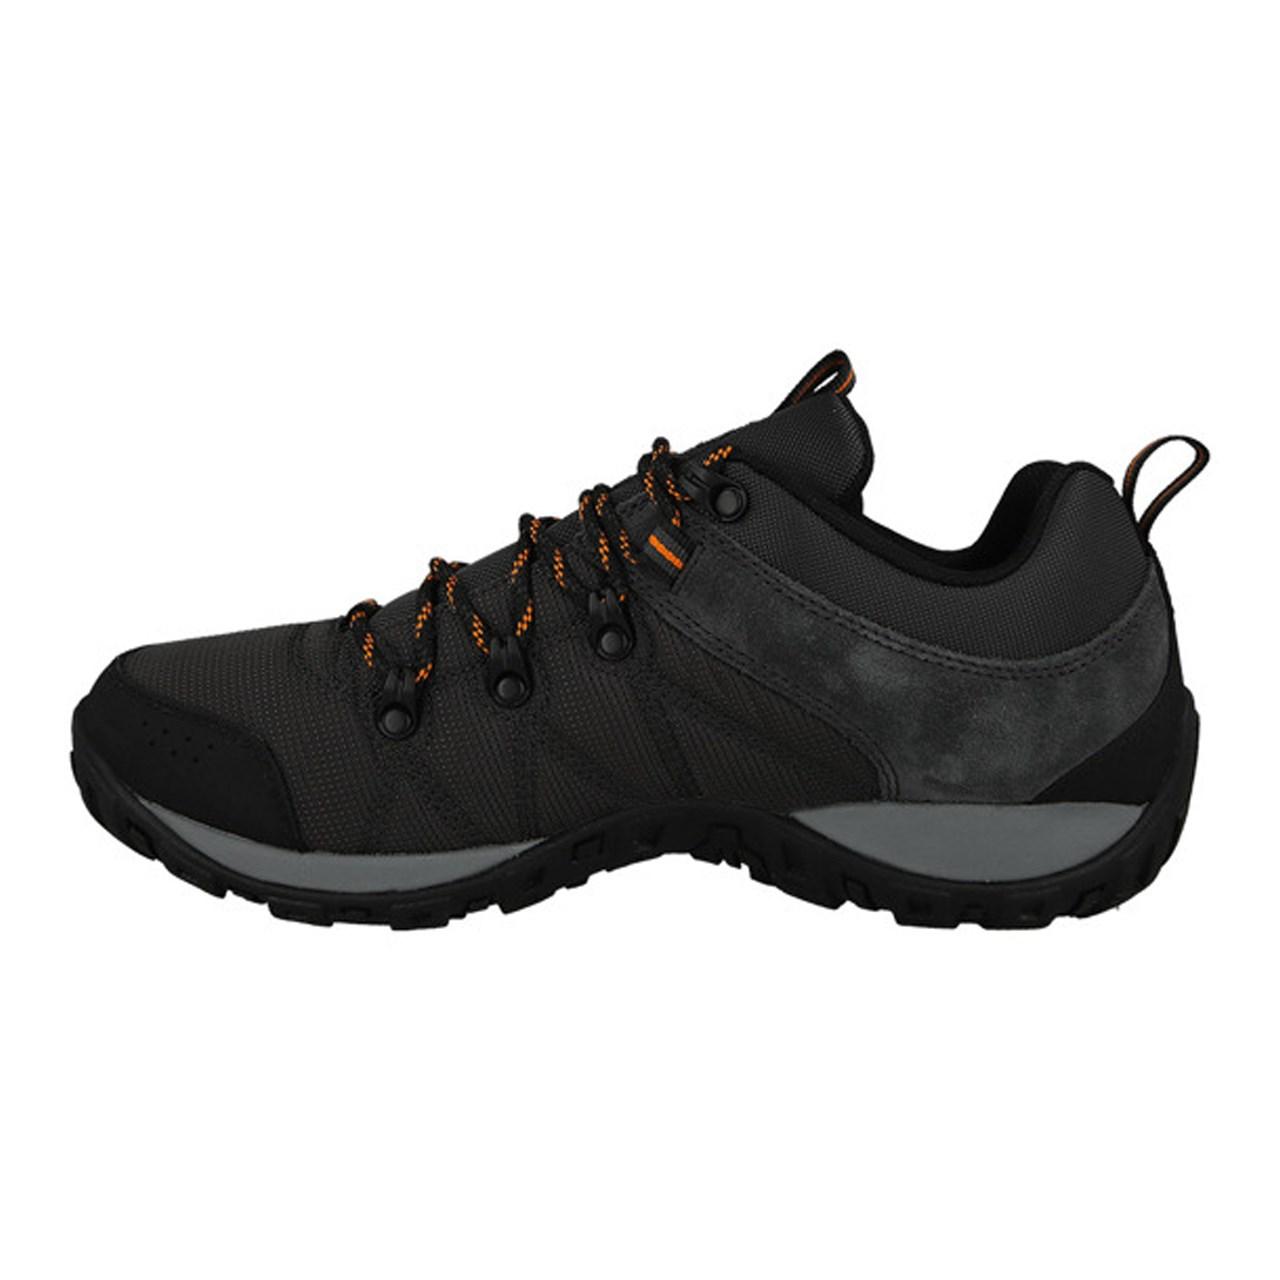 قیمت کفش مخصوص دویدن مردانه کلمبیا مدل BM 4486-011